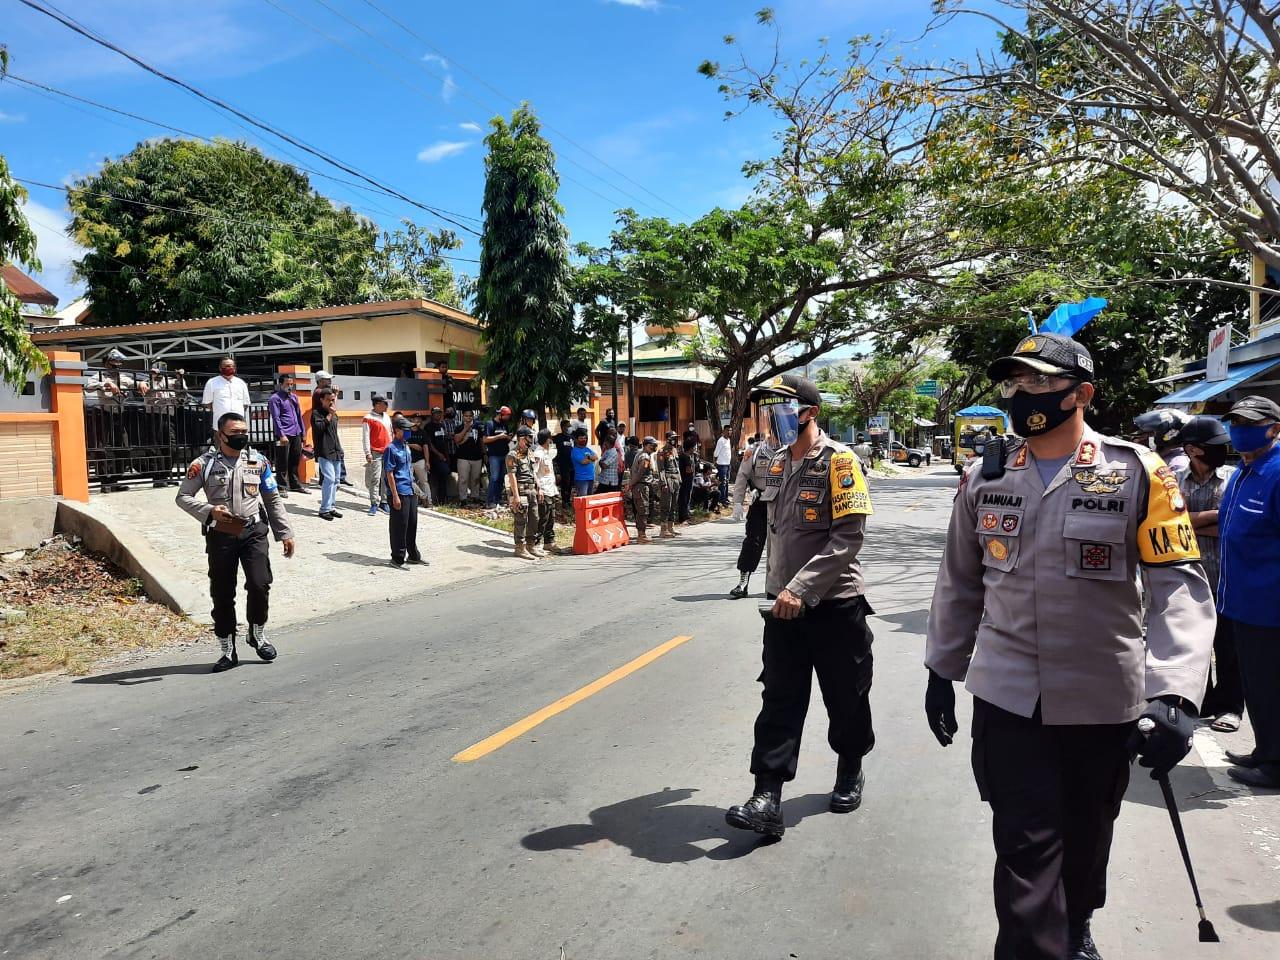 Gambar AKBP Irawan Banuaji Cek Pengamanan Pendaftaran Bakal Calon Bupati dan Wakil Bupati Majene